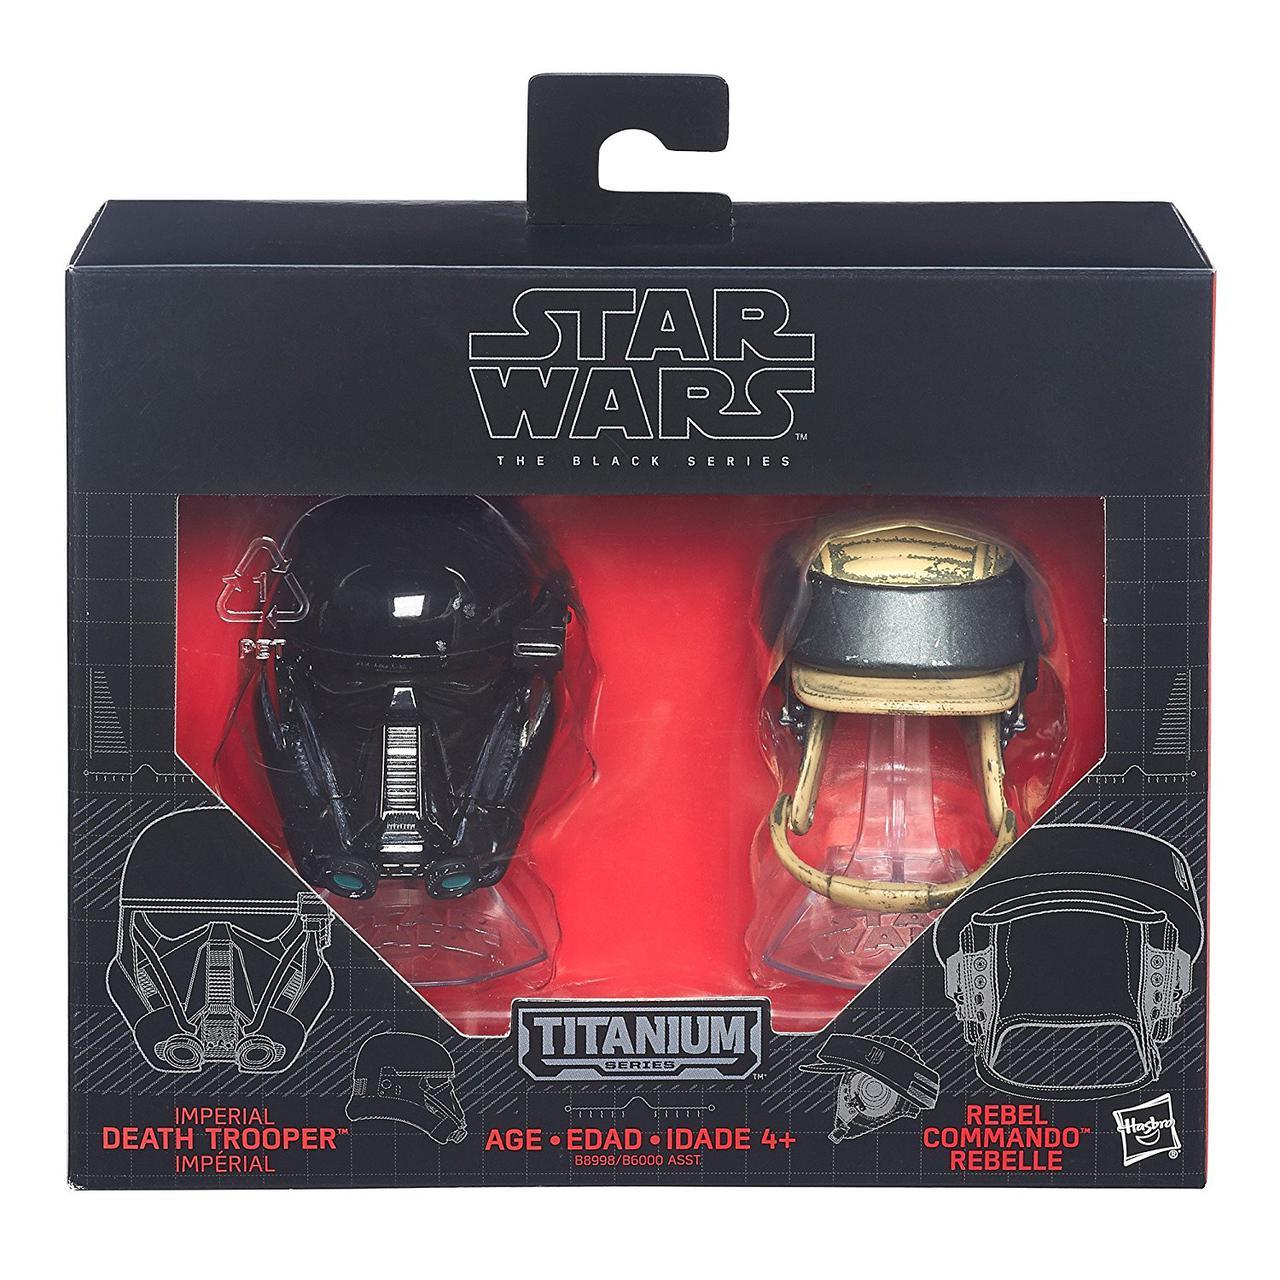 """Мини-шлемы имперского солдата-смертника и повстанца """"Звездные войны"""" - Star Wars, Black Series, Hasbro"""